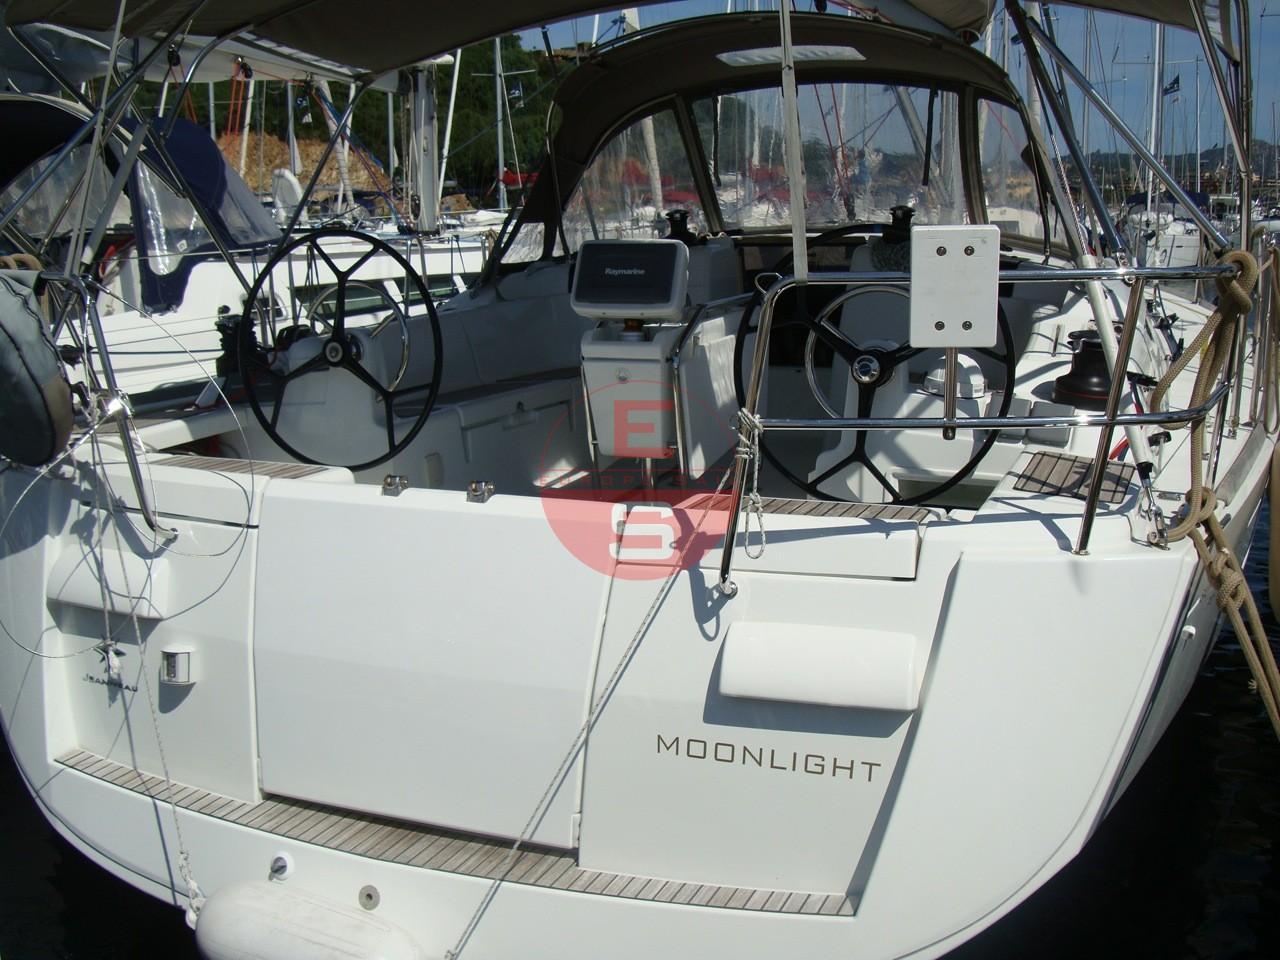 Sun Odyssey 439ì Moonlight2